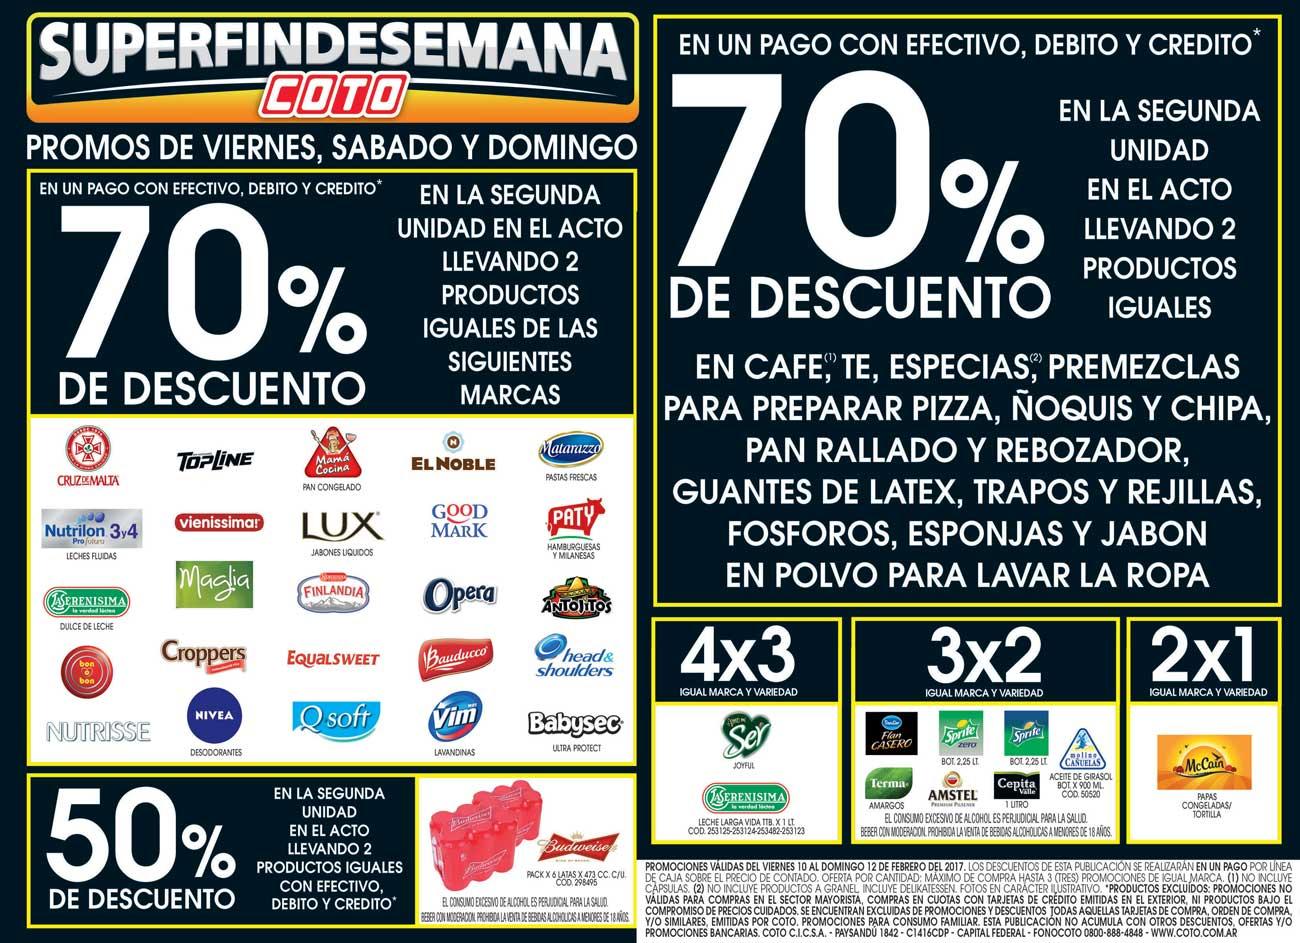 1c8a6906c Ofertas y Promos en Argentina: febrero 2017